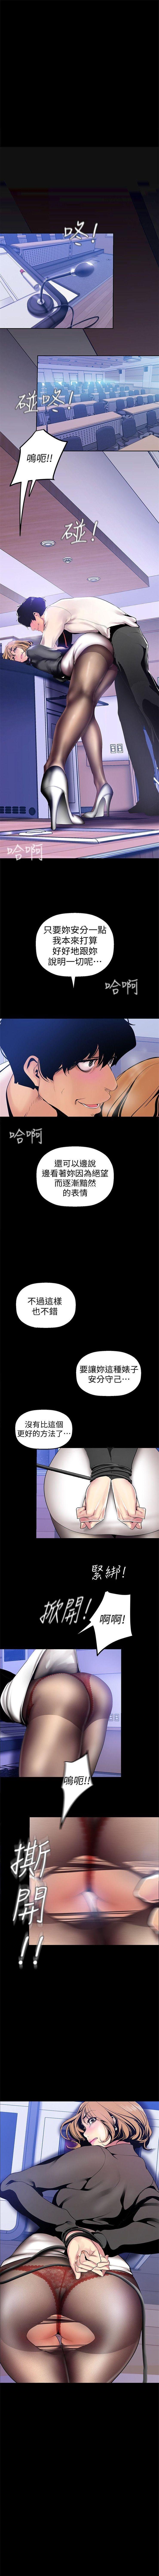 (週1)美麗新世界 1-76 中文翻譯 (更新中) 288